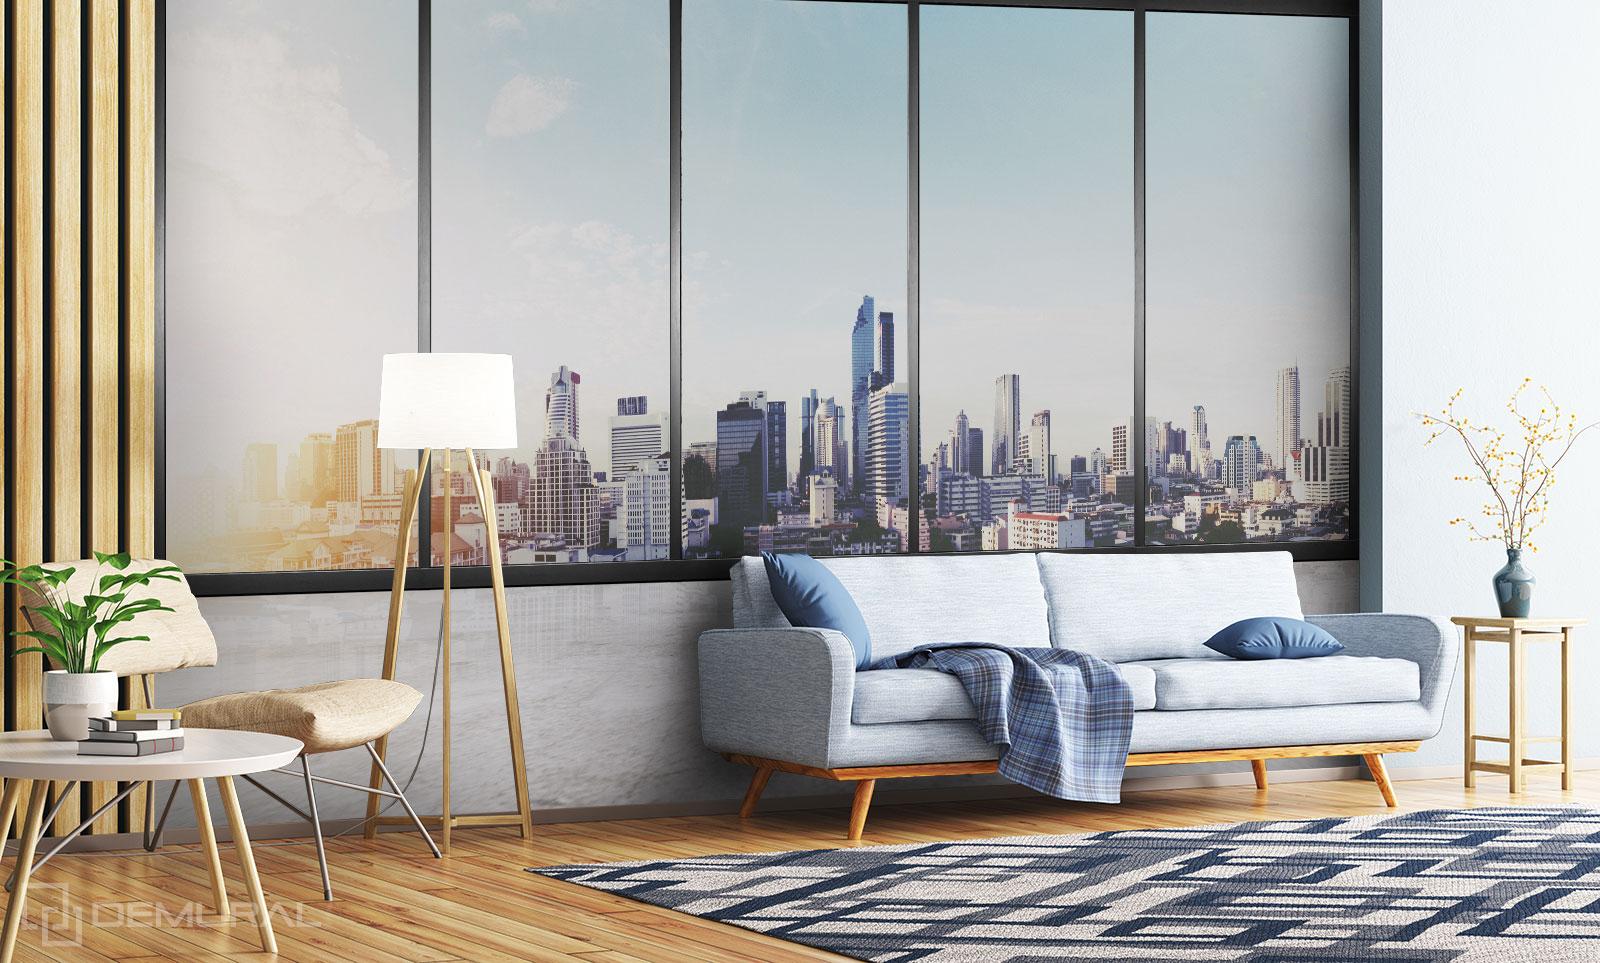 Papier peint Fenêtre sur le monde - Papier peint Fenêtre - Demural